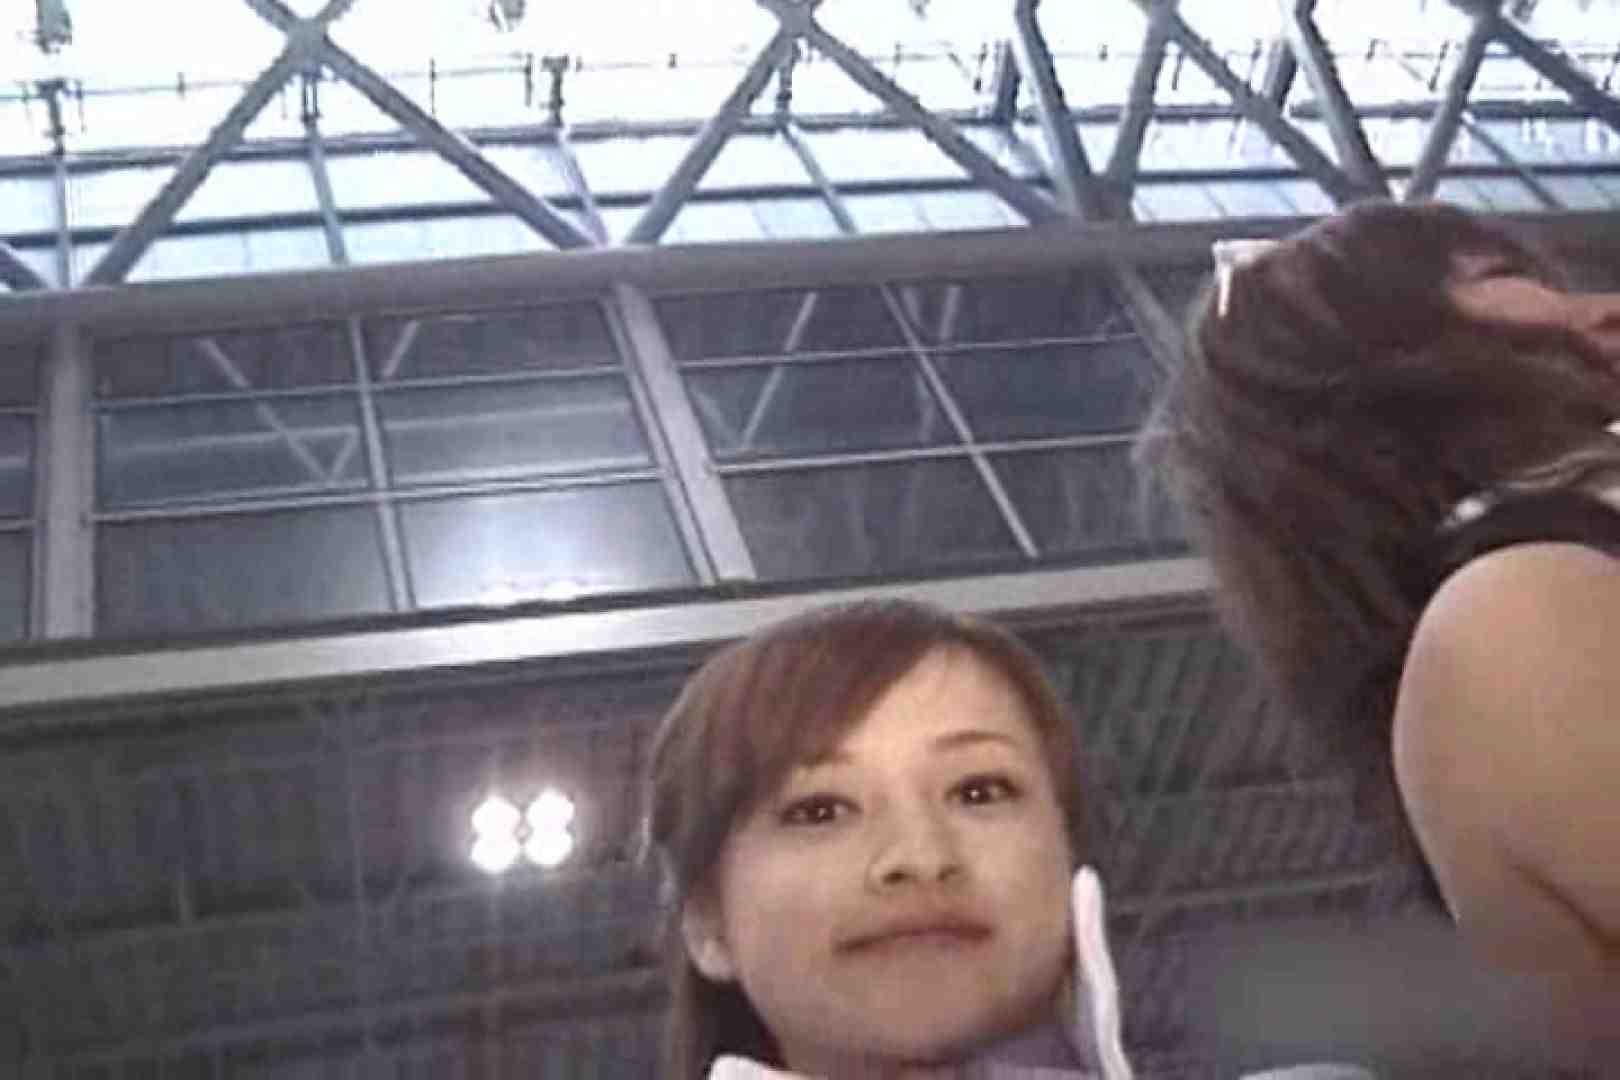 RQカメラ地獄Vol.27 美女  76pic 52